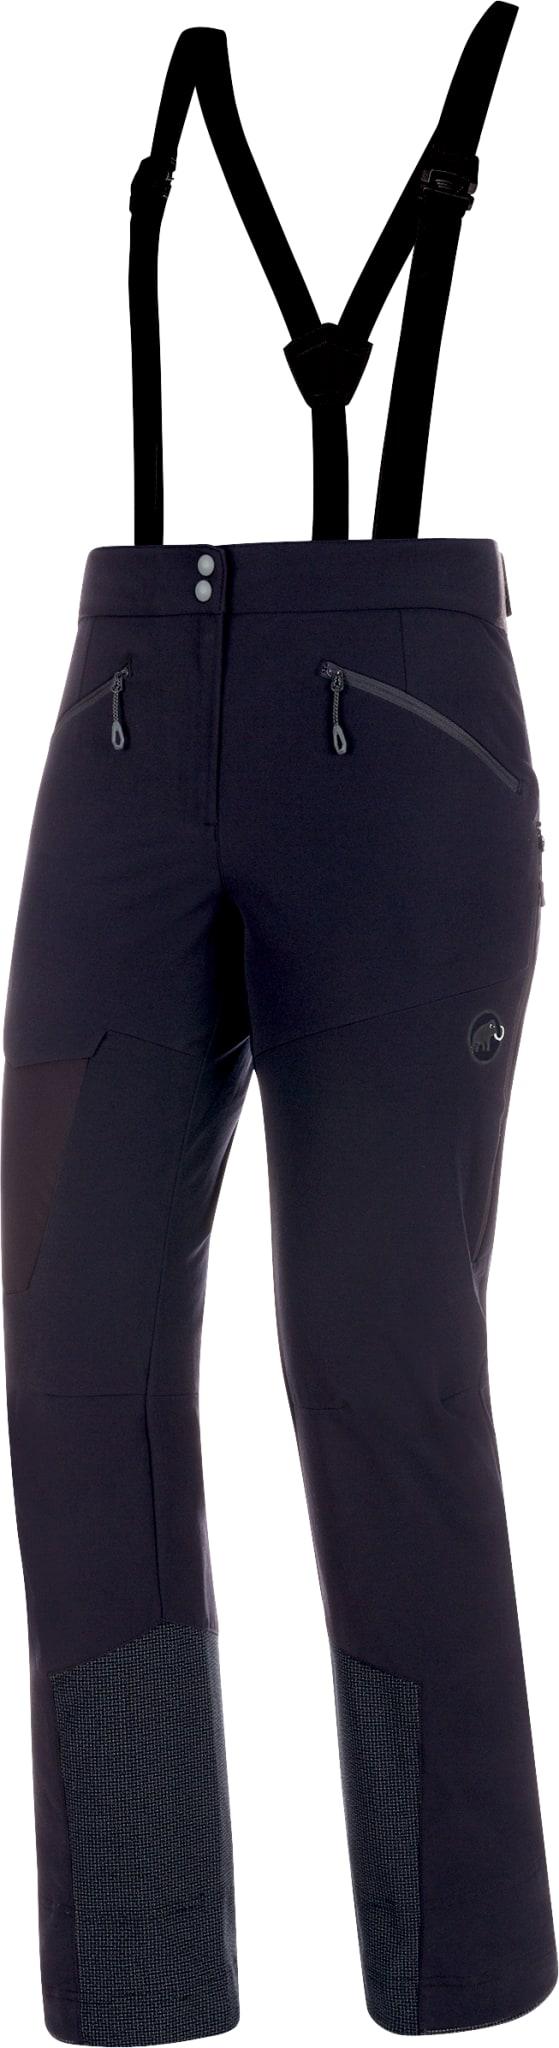 Buksen som får deg opp og ned høydemeterne